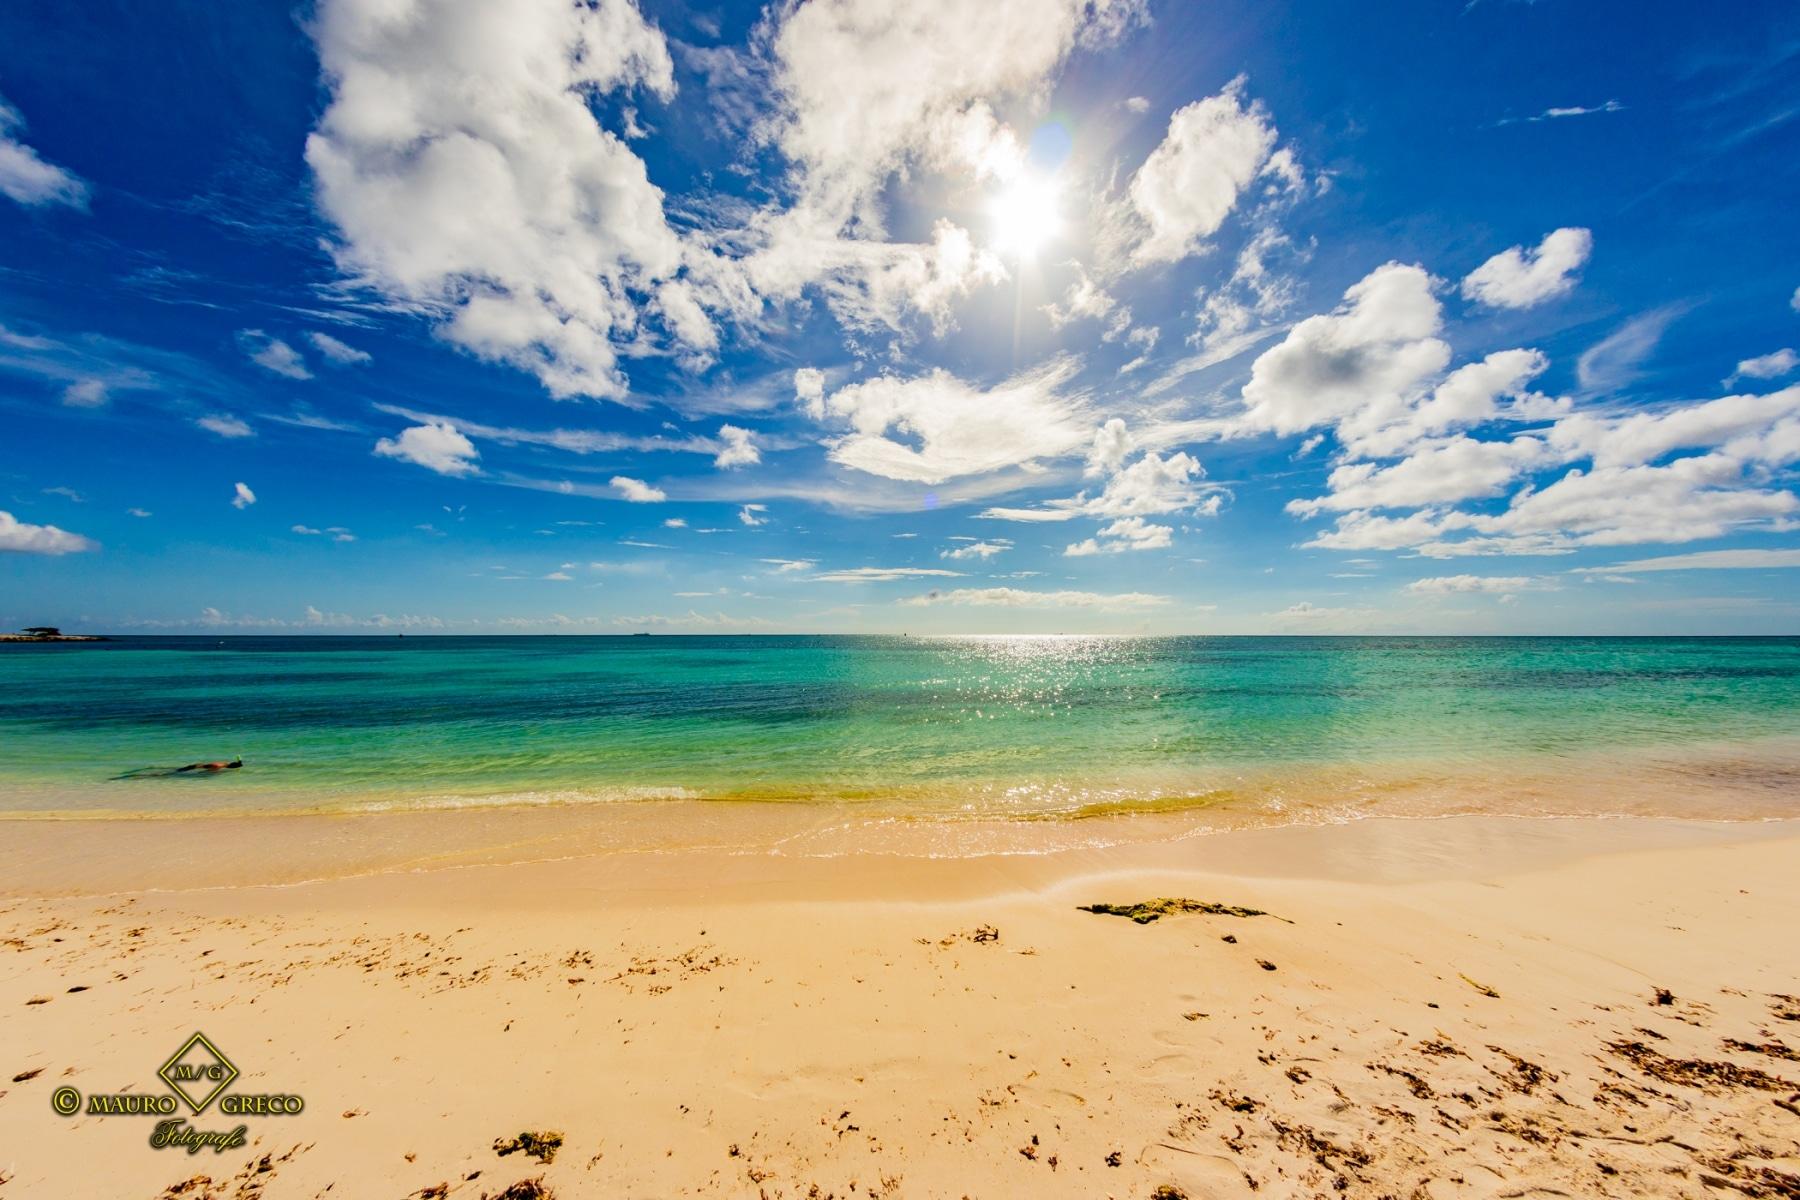 Aruba mare dei Caraibi viaggi fotografici e vacanze Mauro Greco fotografo